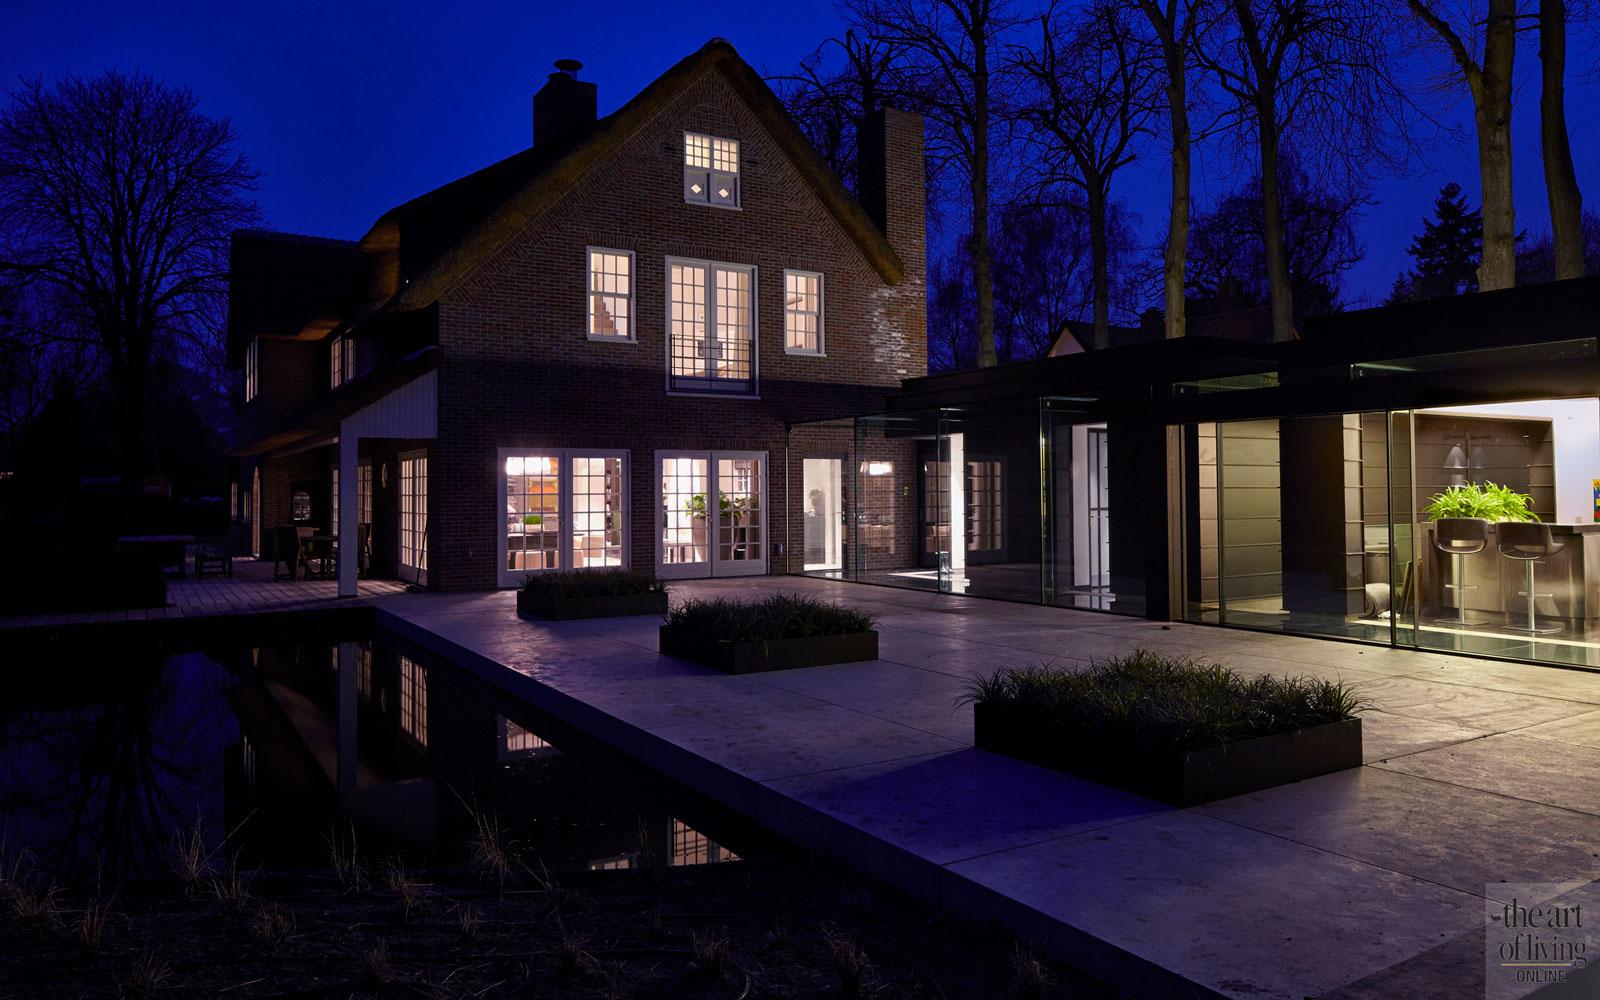 PVD Verlichting, terras, water, veel ramen, glas, oud ontmoet nieuw, VVR Architecten